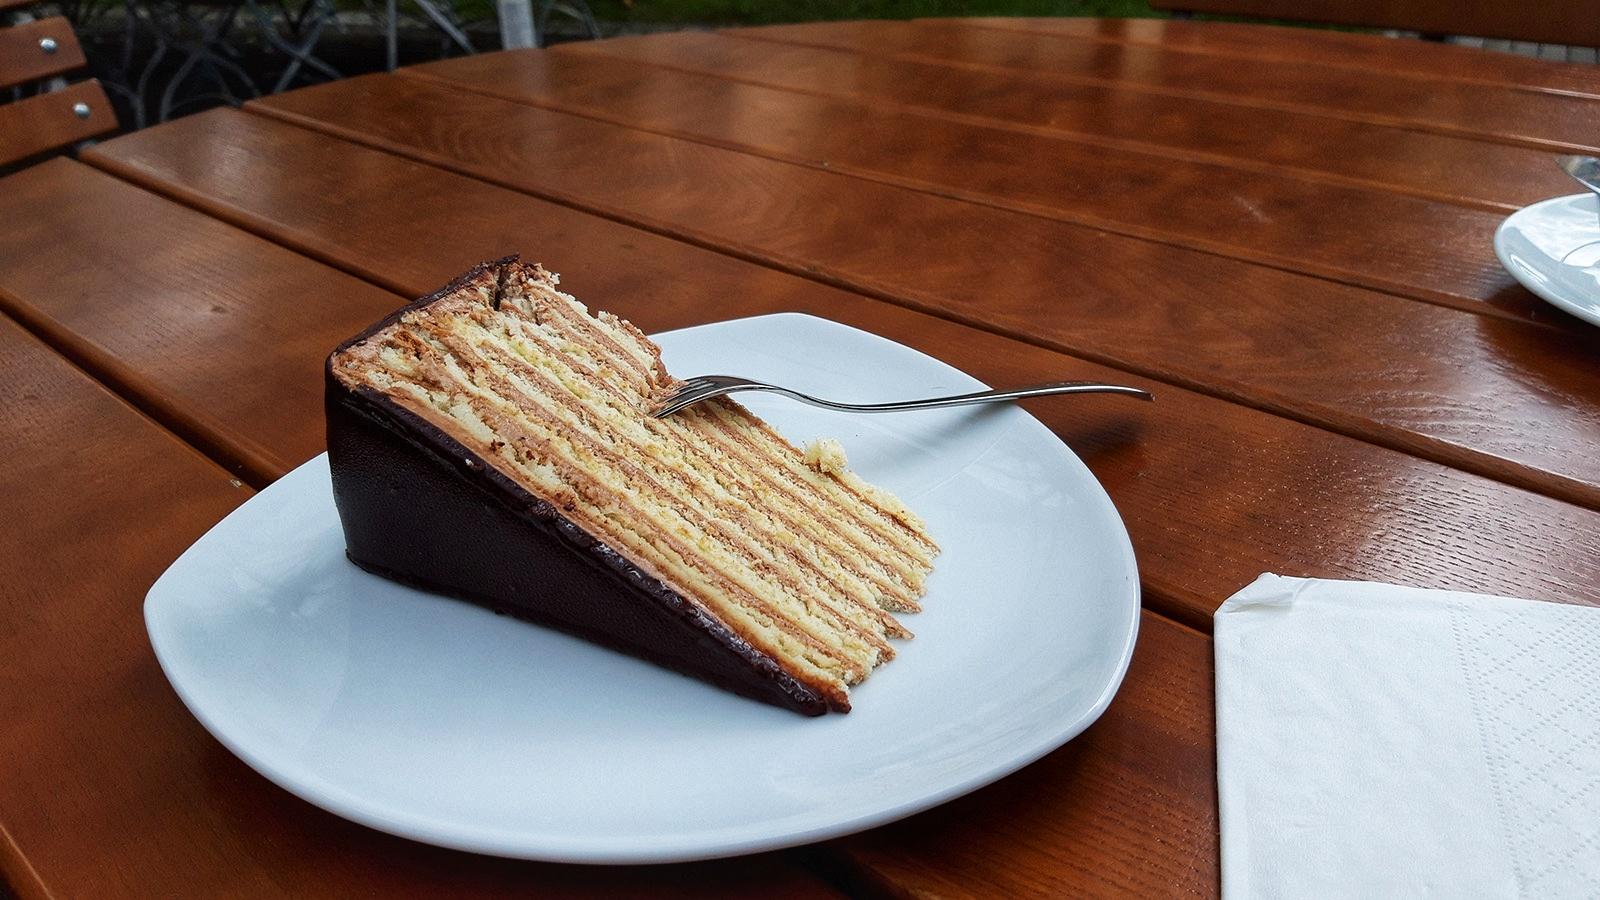 Ein Stück Torte auf einem Teller